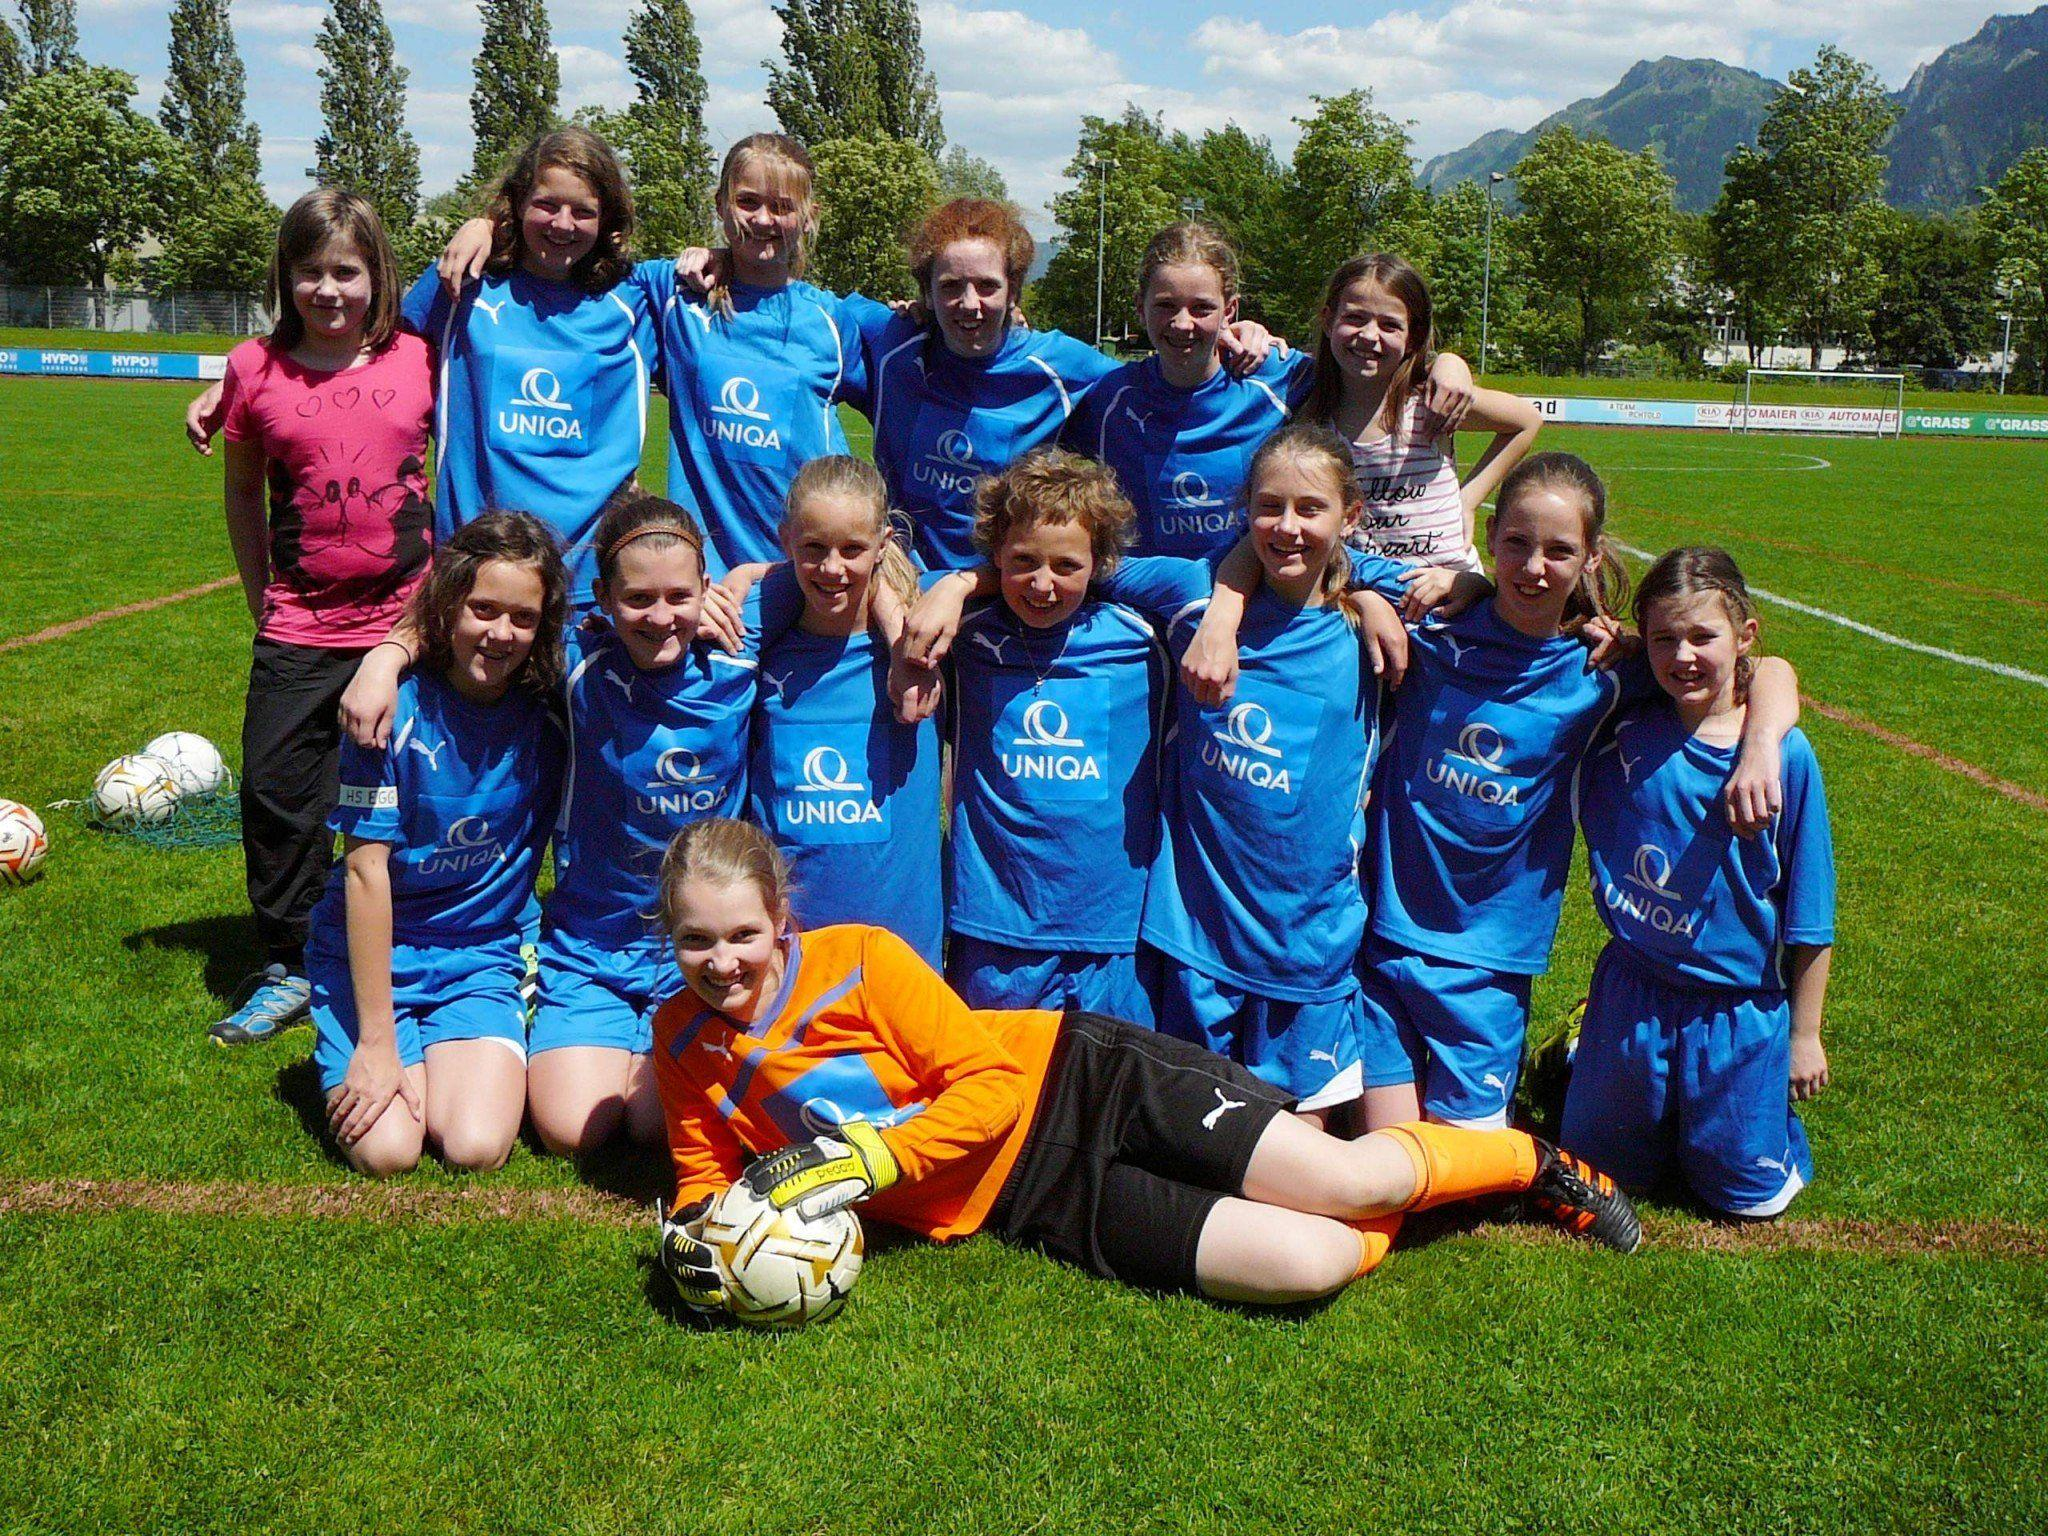 Die junge Egger Mannschaft schaffte den siebten Endrang im Landesfinalturnier.